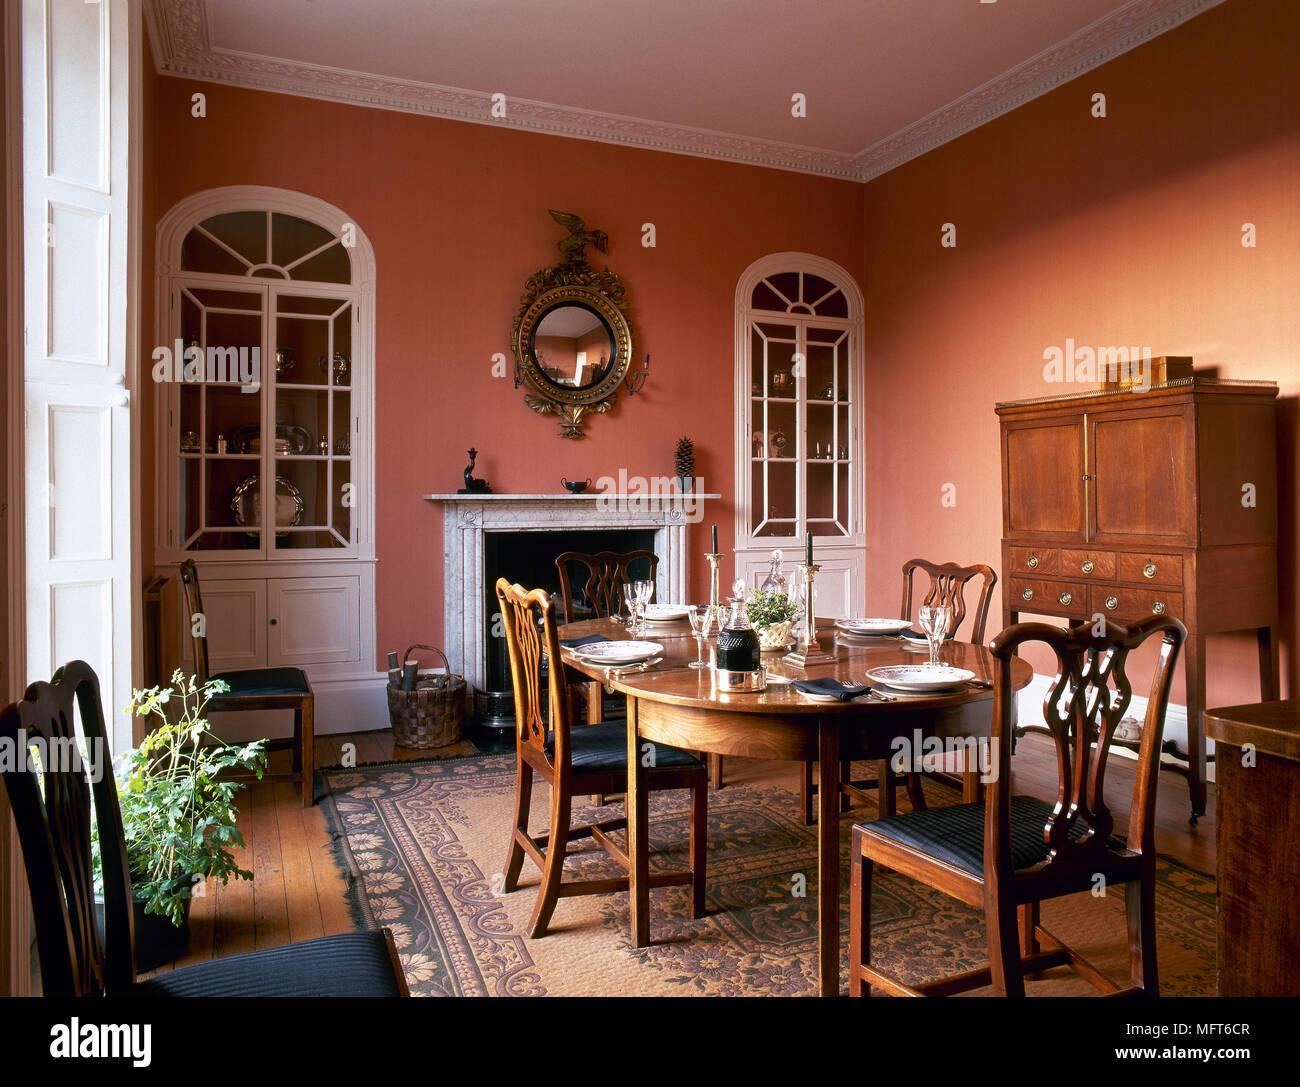 wnde esszimmer, traditionelle esszimmer mit terracotta farbe wände, holz seite, Design ideen